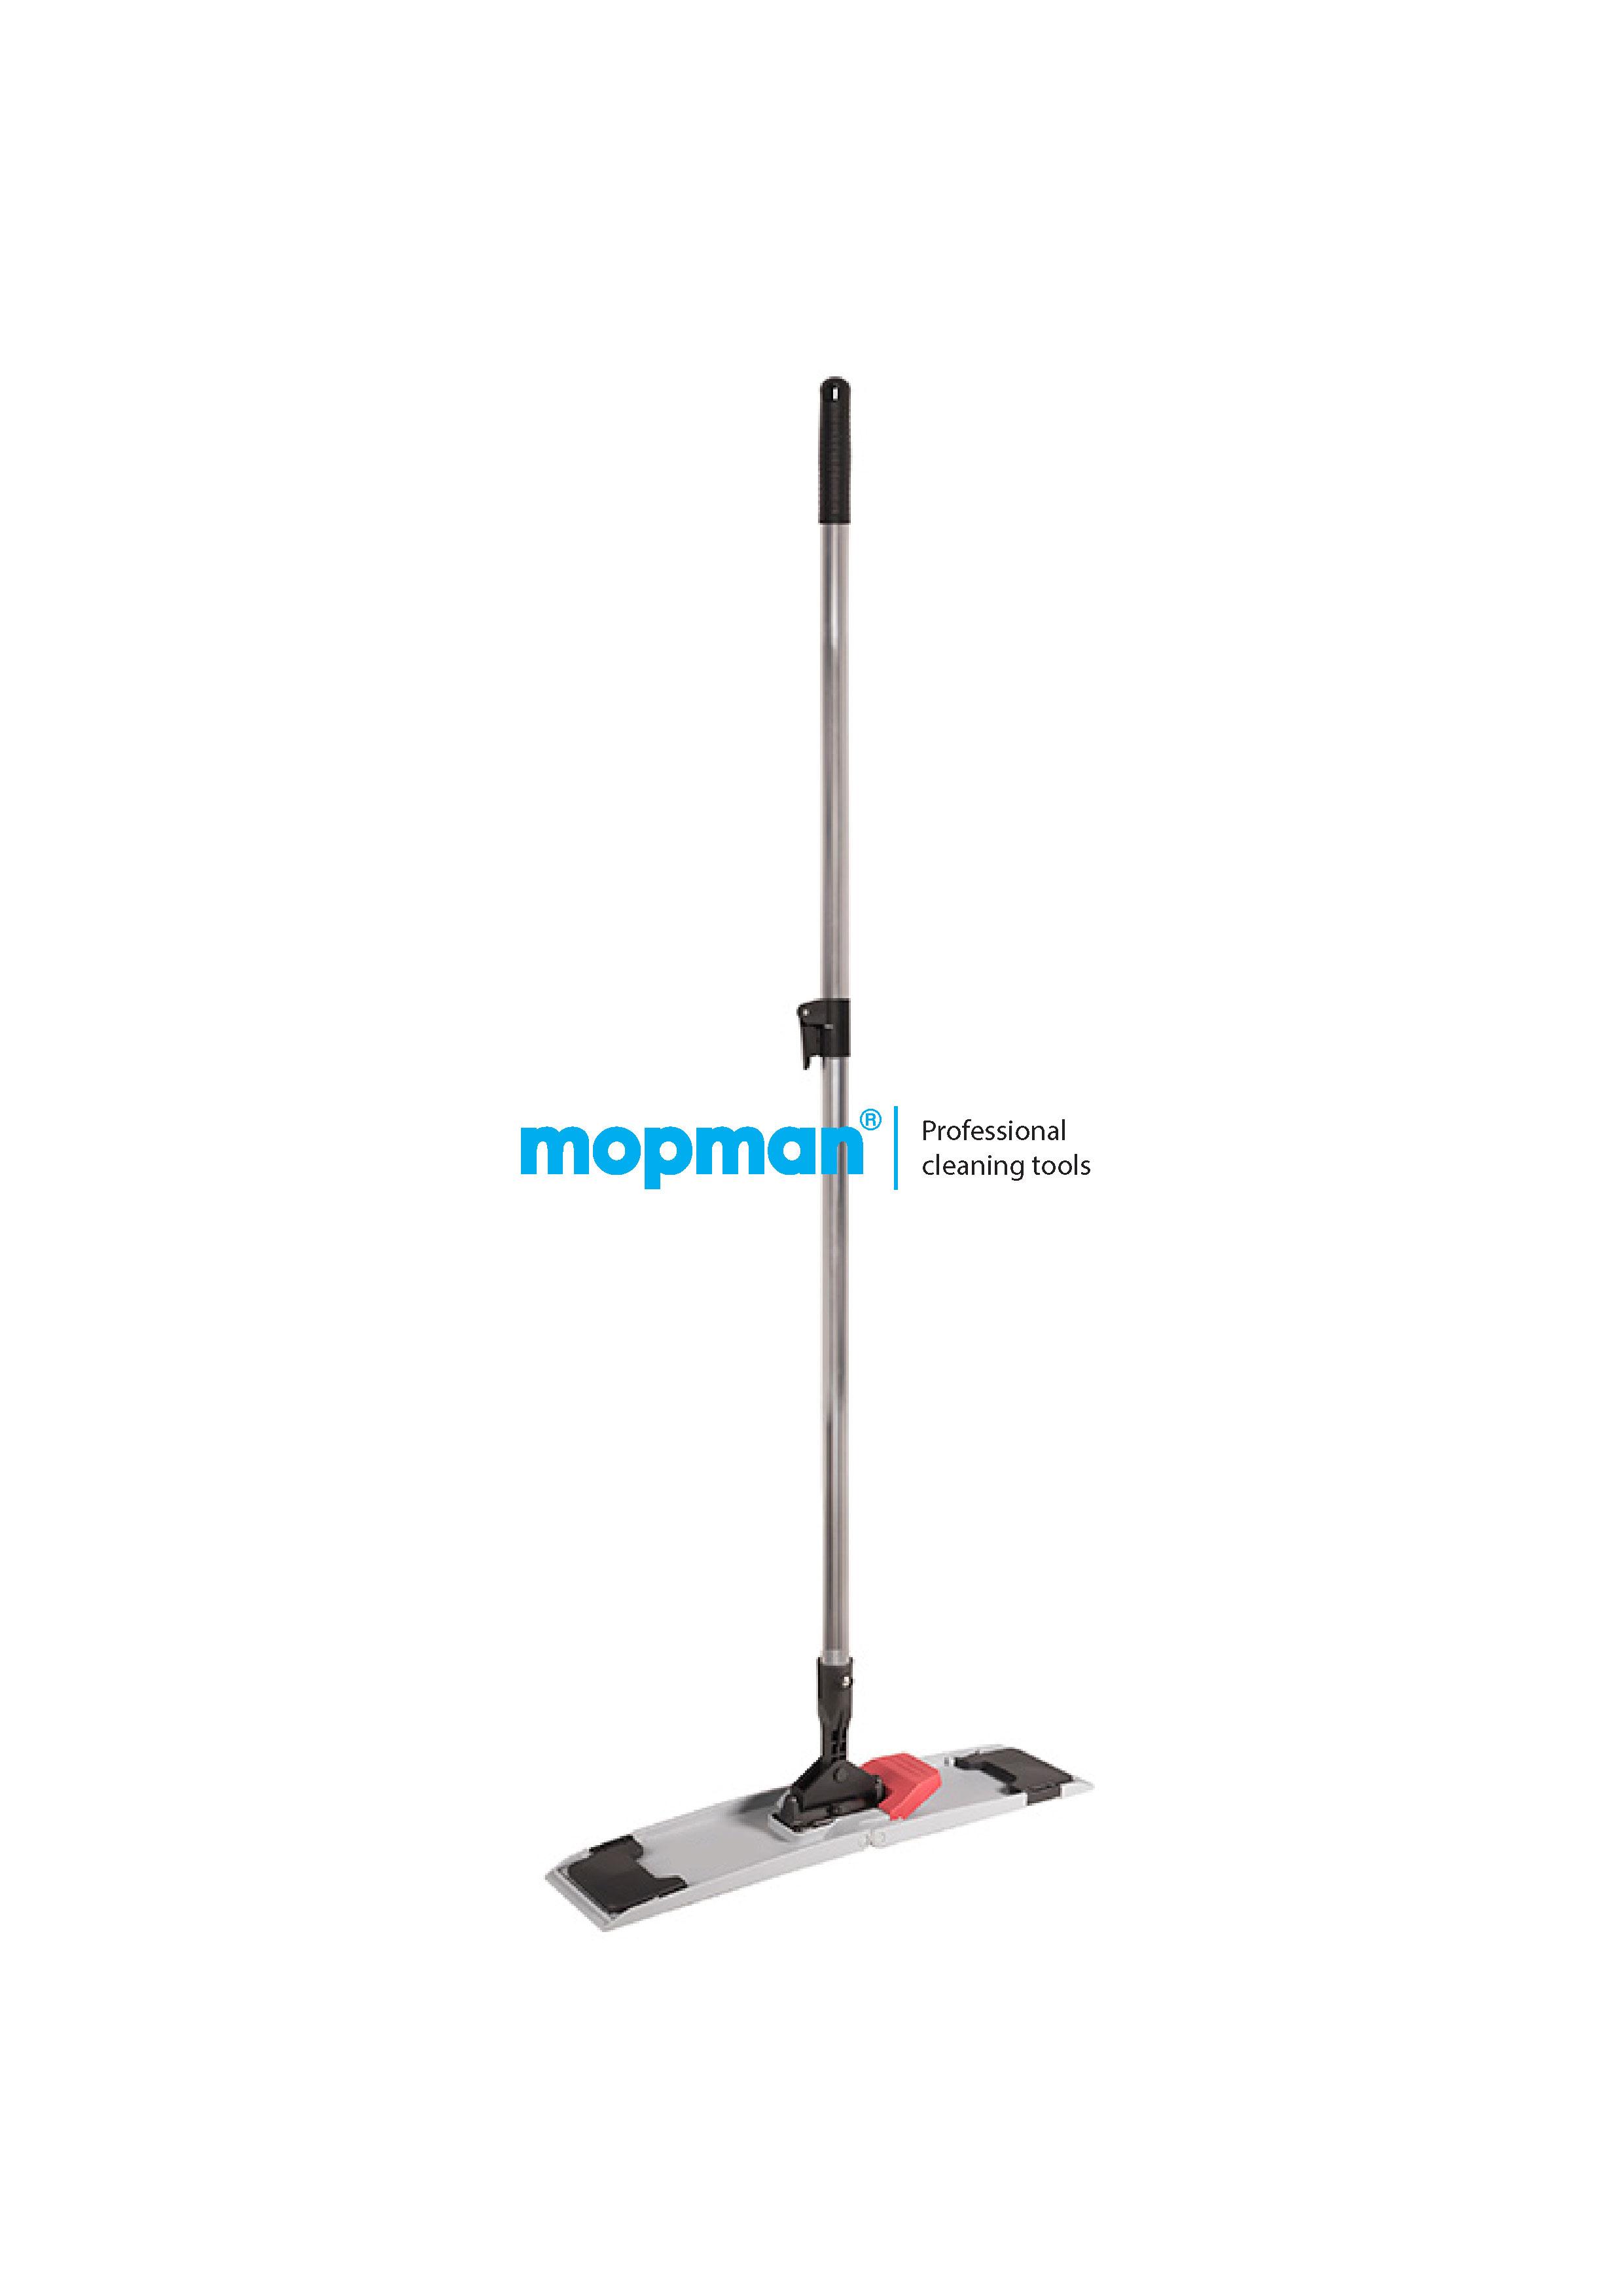 https://www.mujbob.cz/produkty_fotogalerie/mopman_teleskopicka_tyc_drzak_mopu_smarty_40_cm1577449799L.jpg